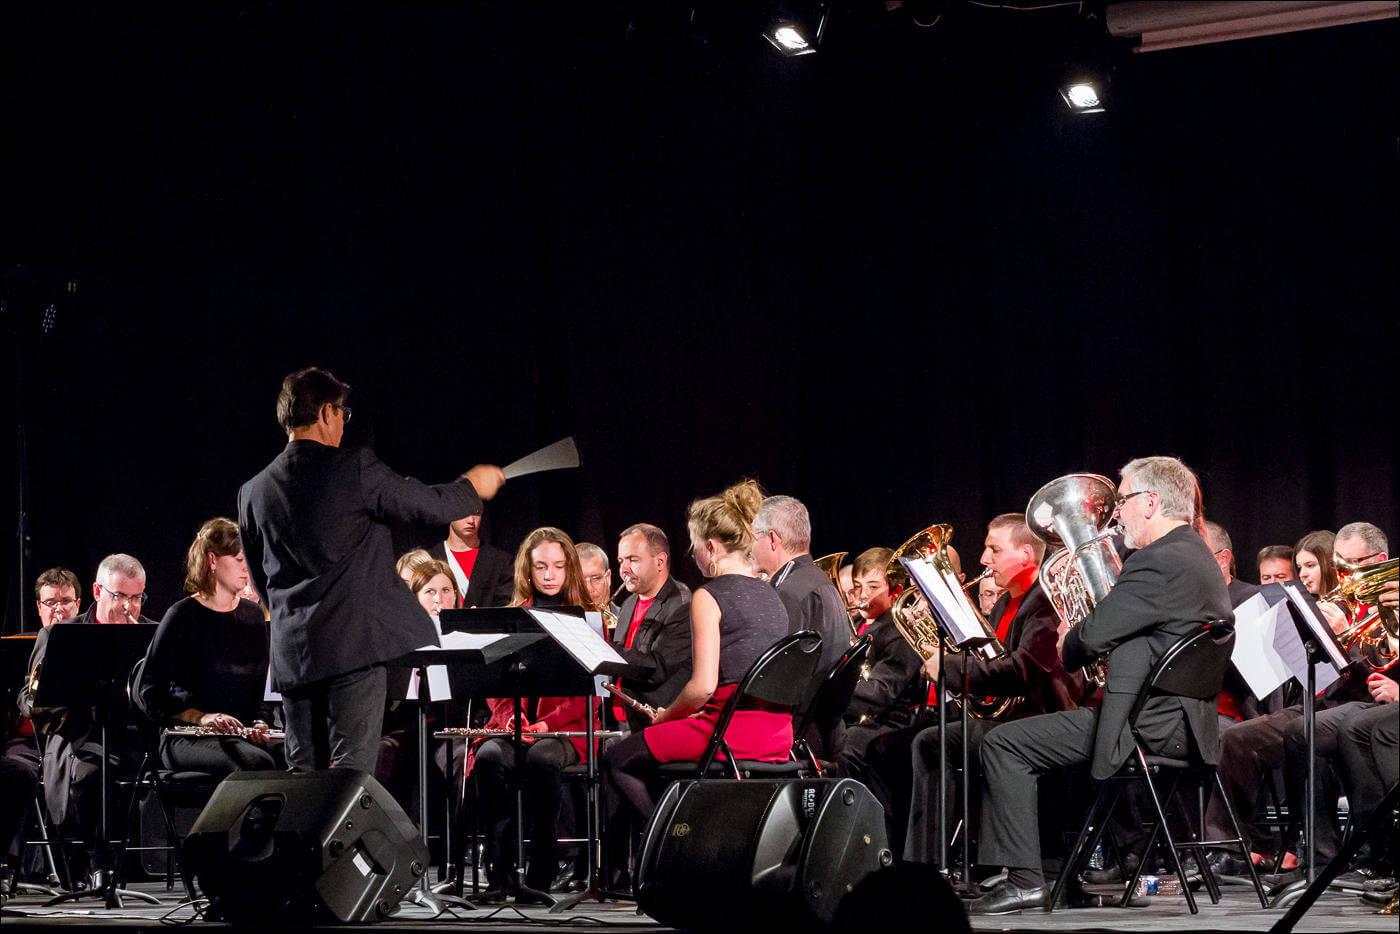 Photographe de concert avec la Fanfare de Cournon